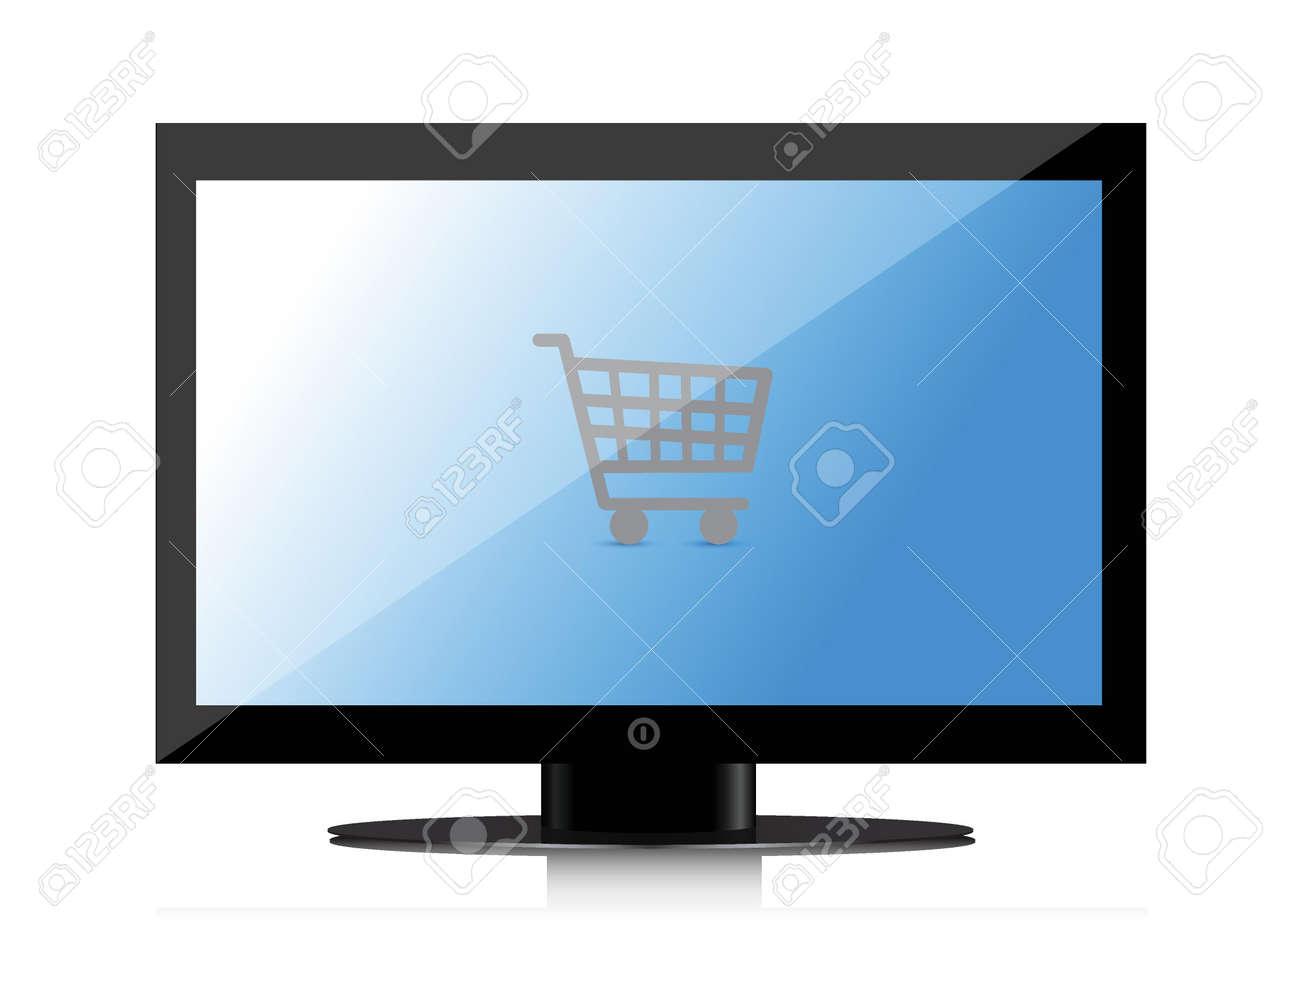 shopping online monitor illustration design over white Stock Vector - 16600922